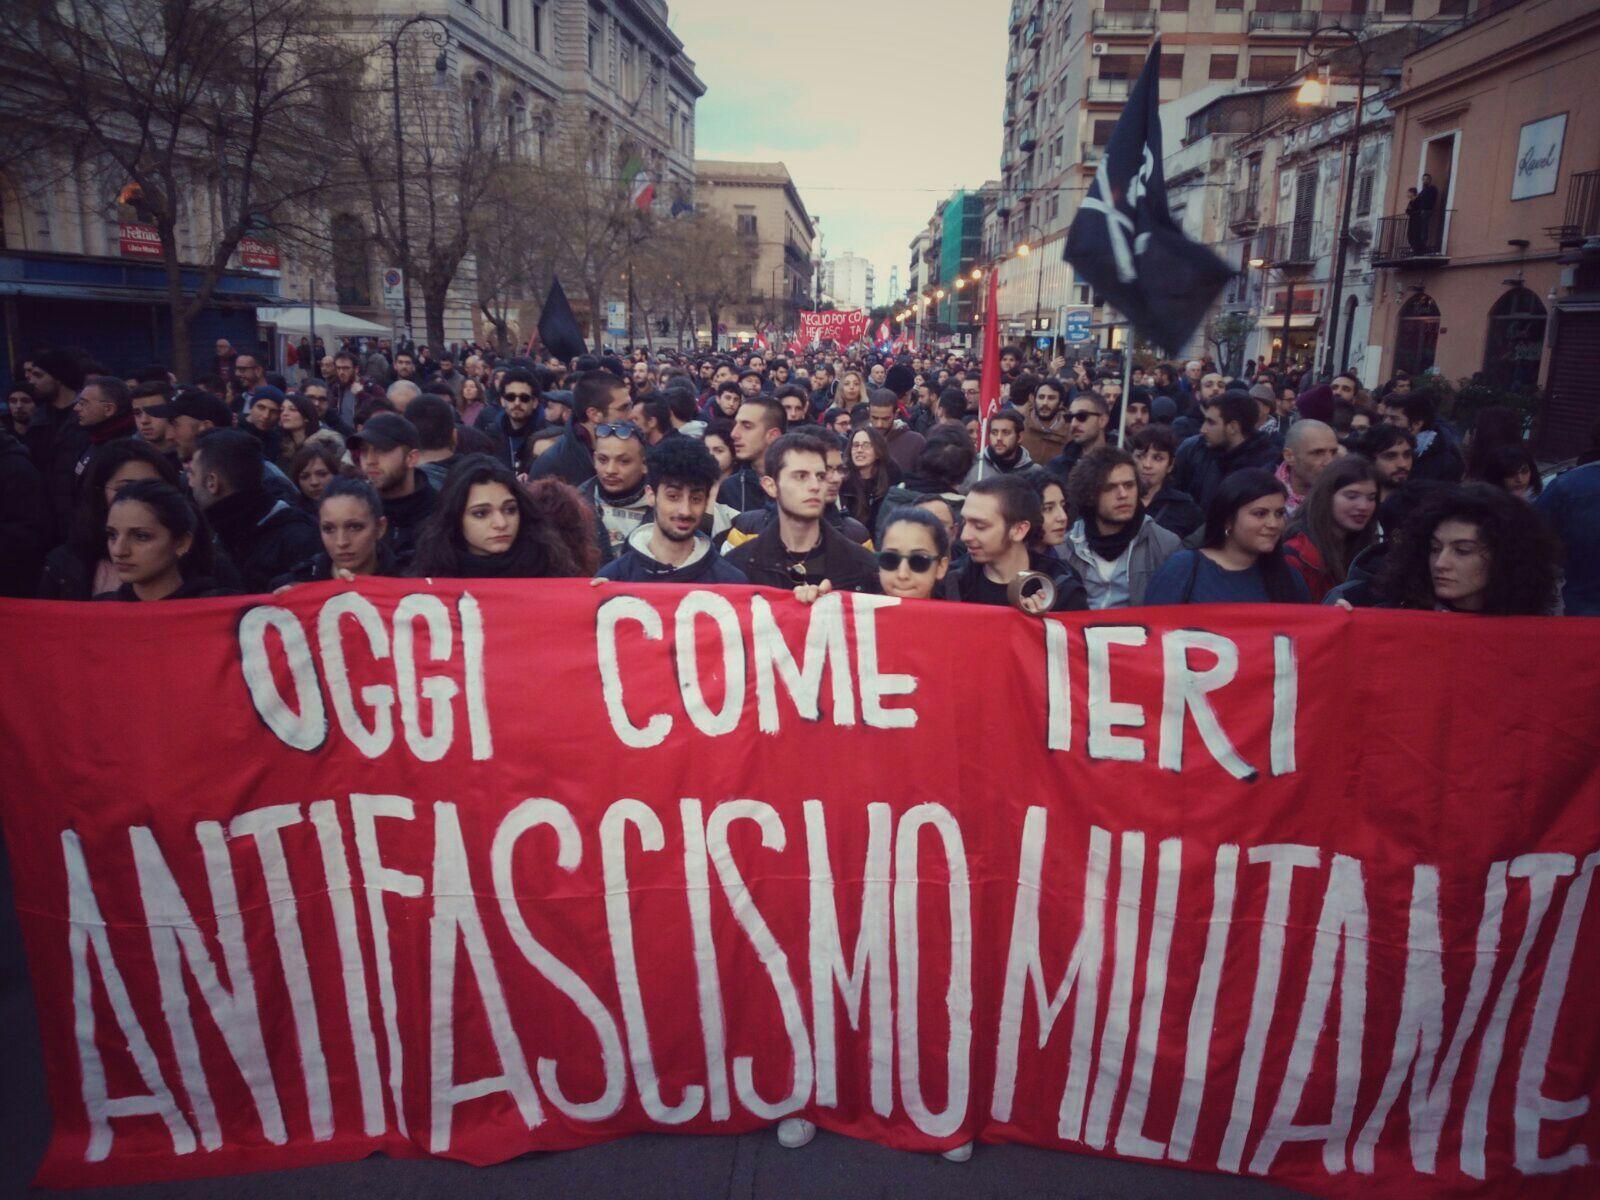 La sinistra lancia l'allarme fascismo per prendere voti  <br> Eppure gli italiani alle urne bocciano i partiti di estrema destra: non toccano neppure lo 0,50% dei consensi <br> Il pericolo fascismo è una boiata pazzesca